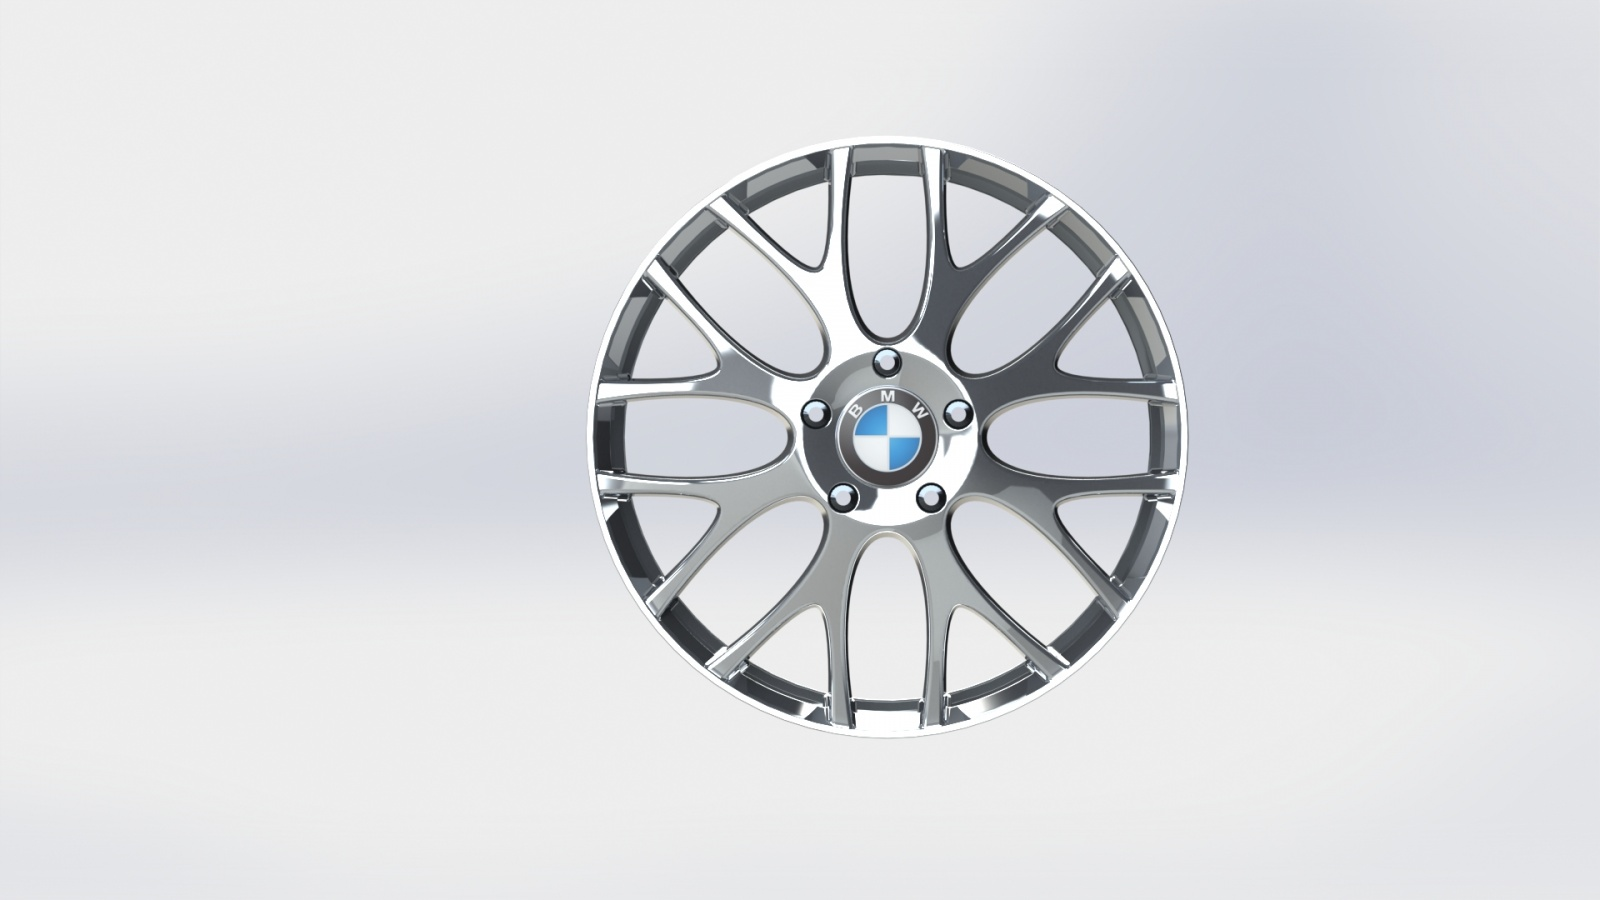 Borchia-3d-BMW-Frontale-Renderizzata - Vista Frontale